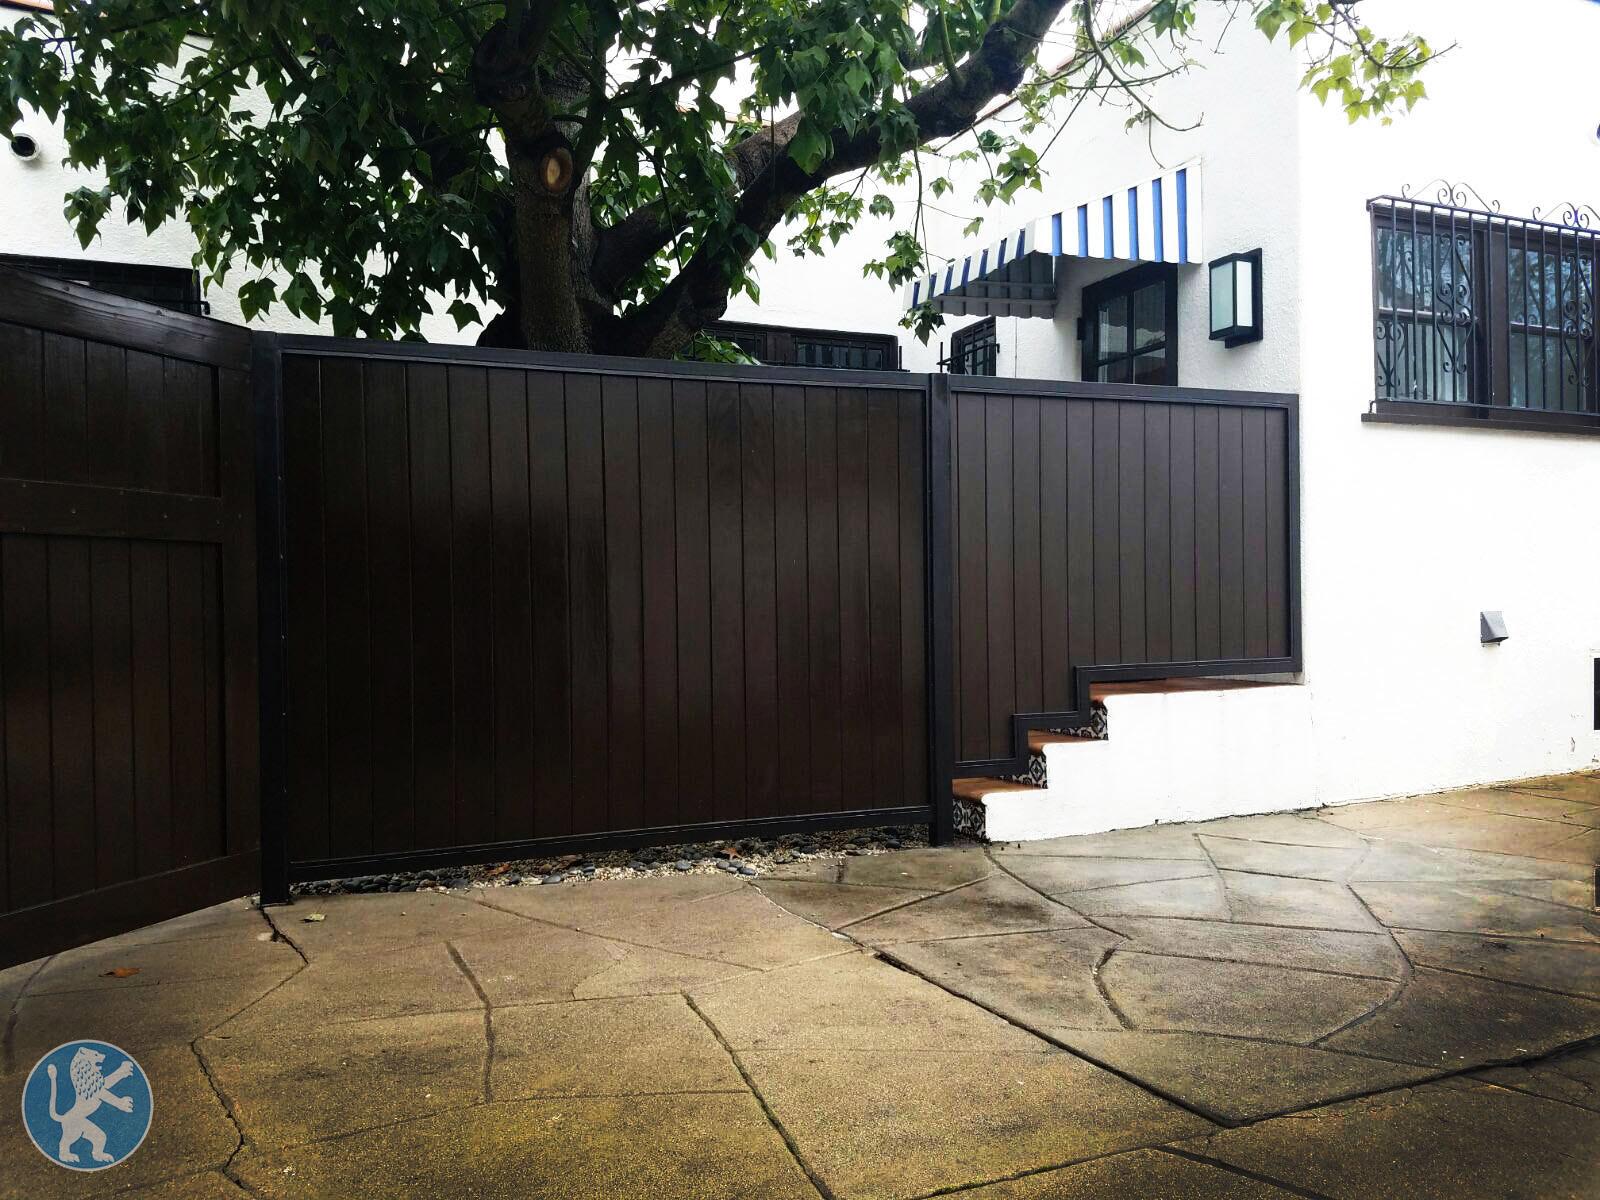 Prfct fencing 11 perfect garage doors gates inc for Garage fence